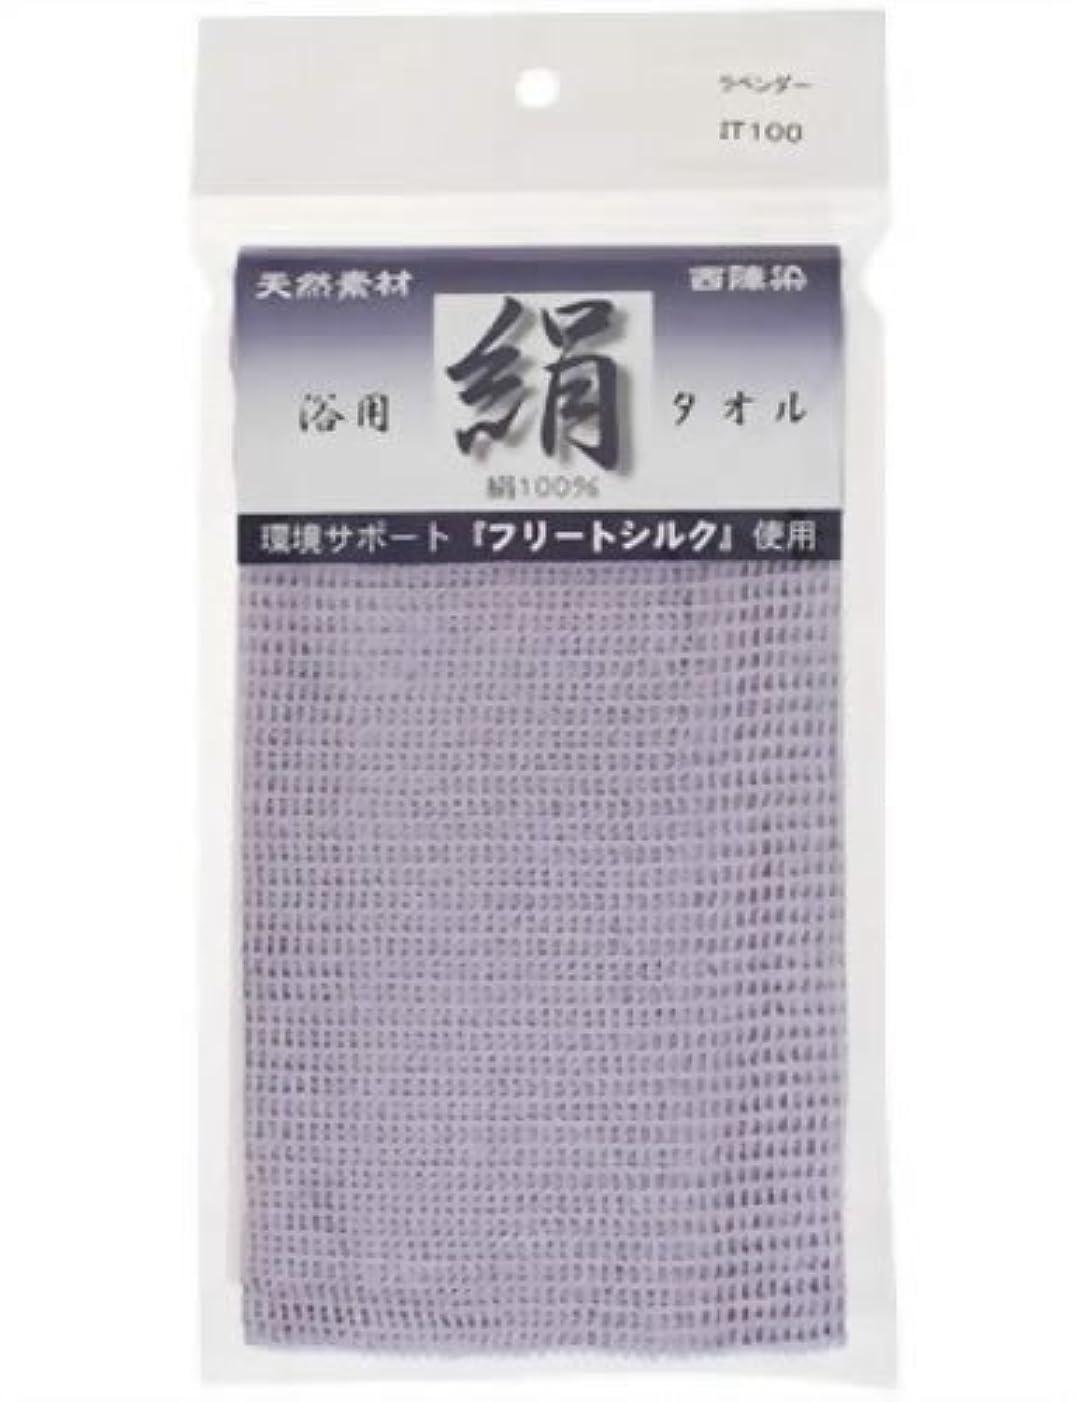 トラフチェスをするアボート神戸生絲 シルクタオルラベンダー 1枚